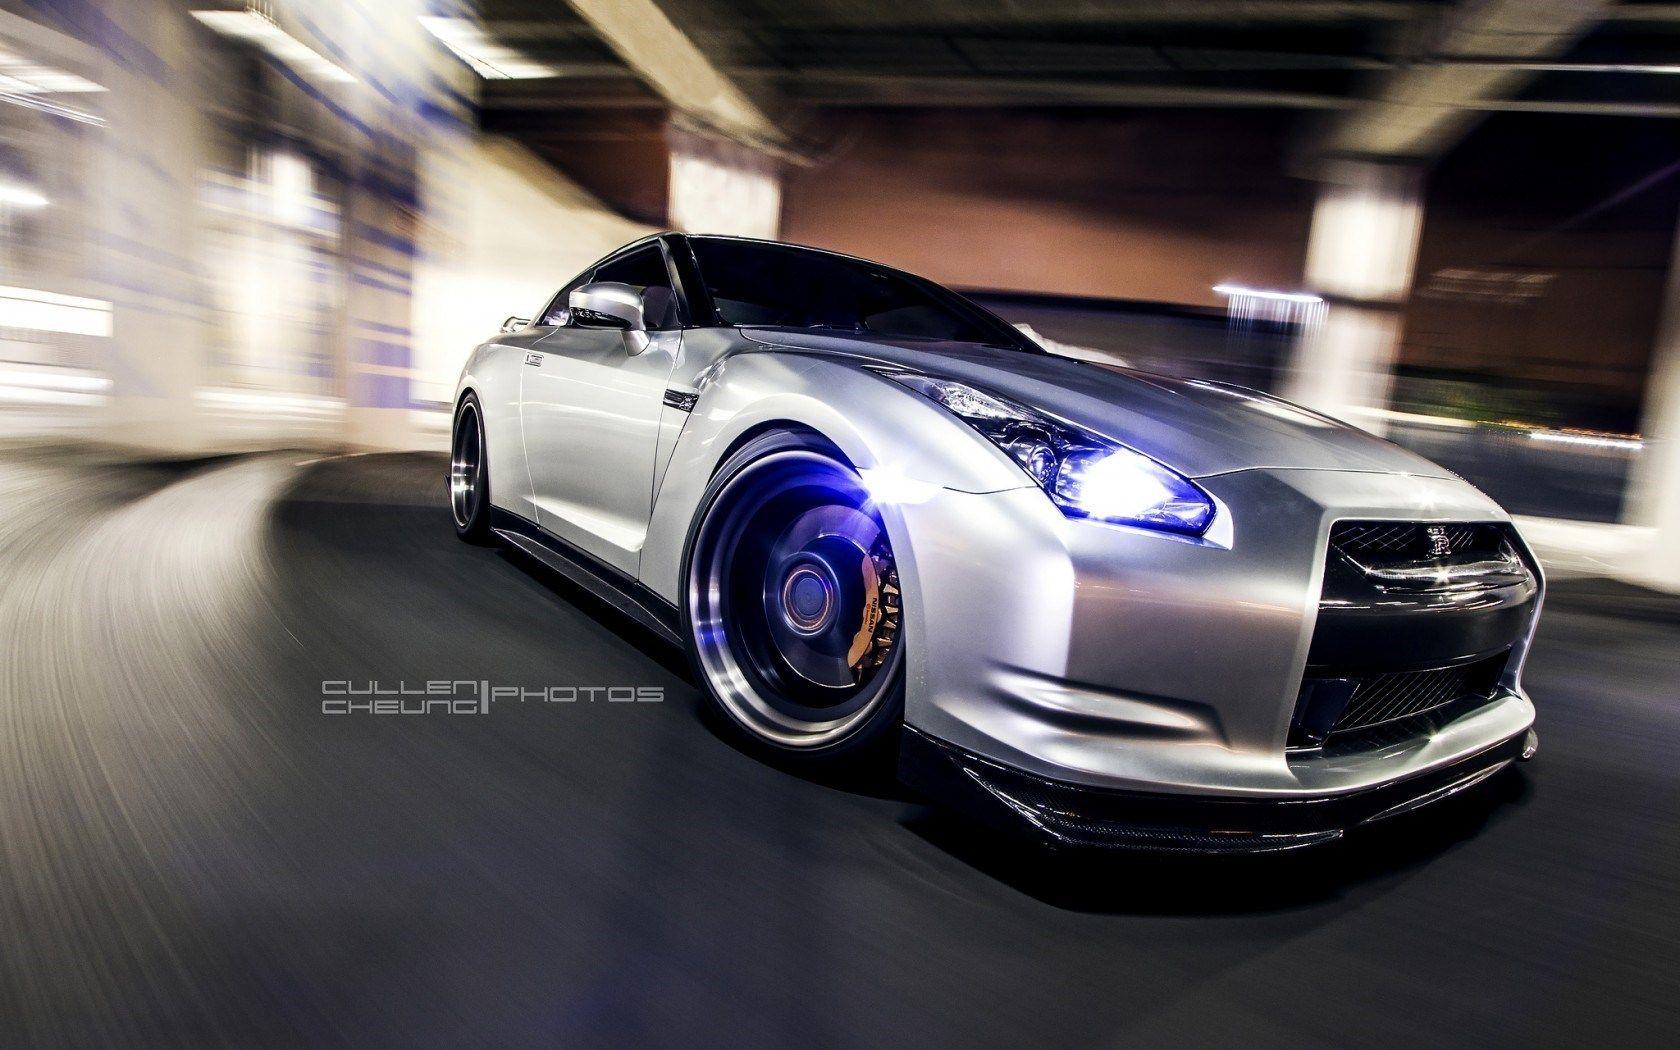 Nissan GTR HD Wallpapers Backgrounds Wallpaper